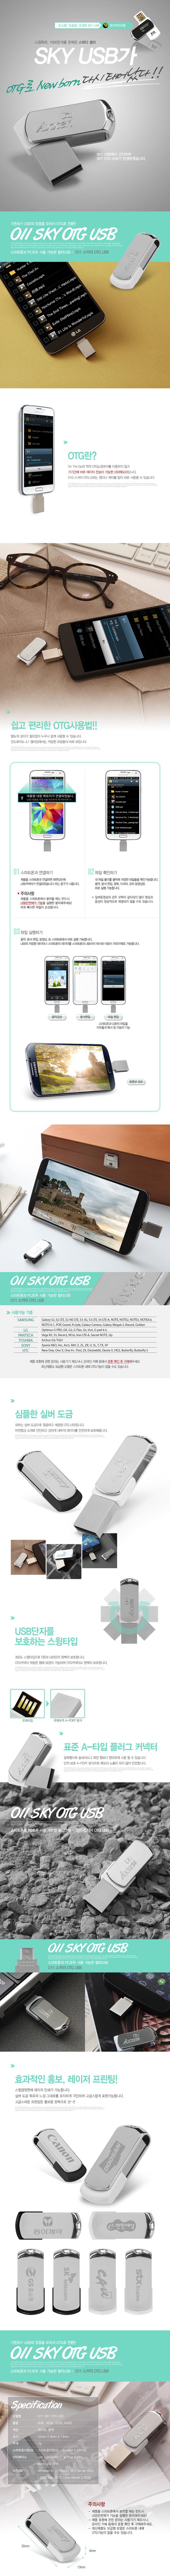 O11 SKY_640.jpg